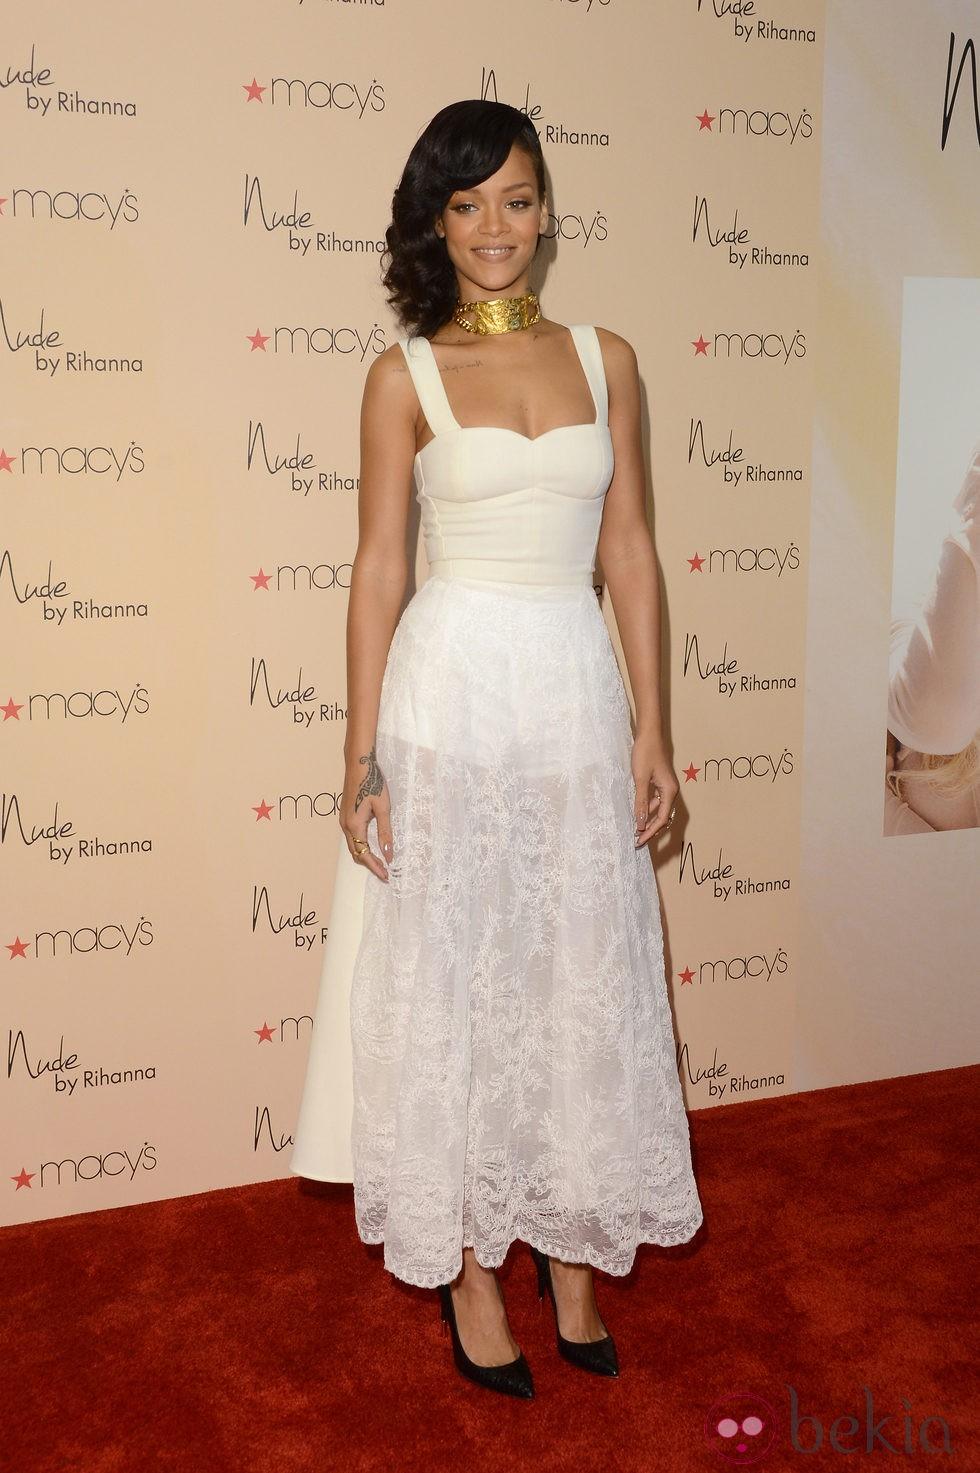 Rihanna presentando su nuevo perfume 'Nude by Rihanna'